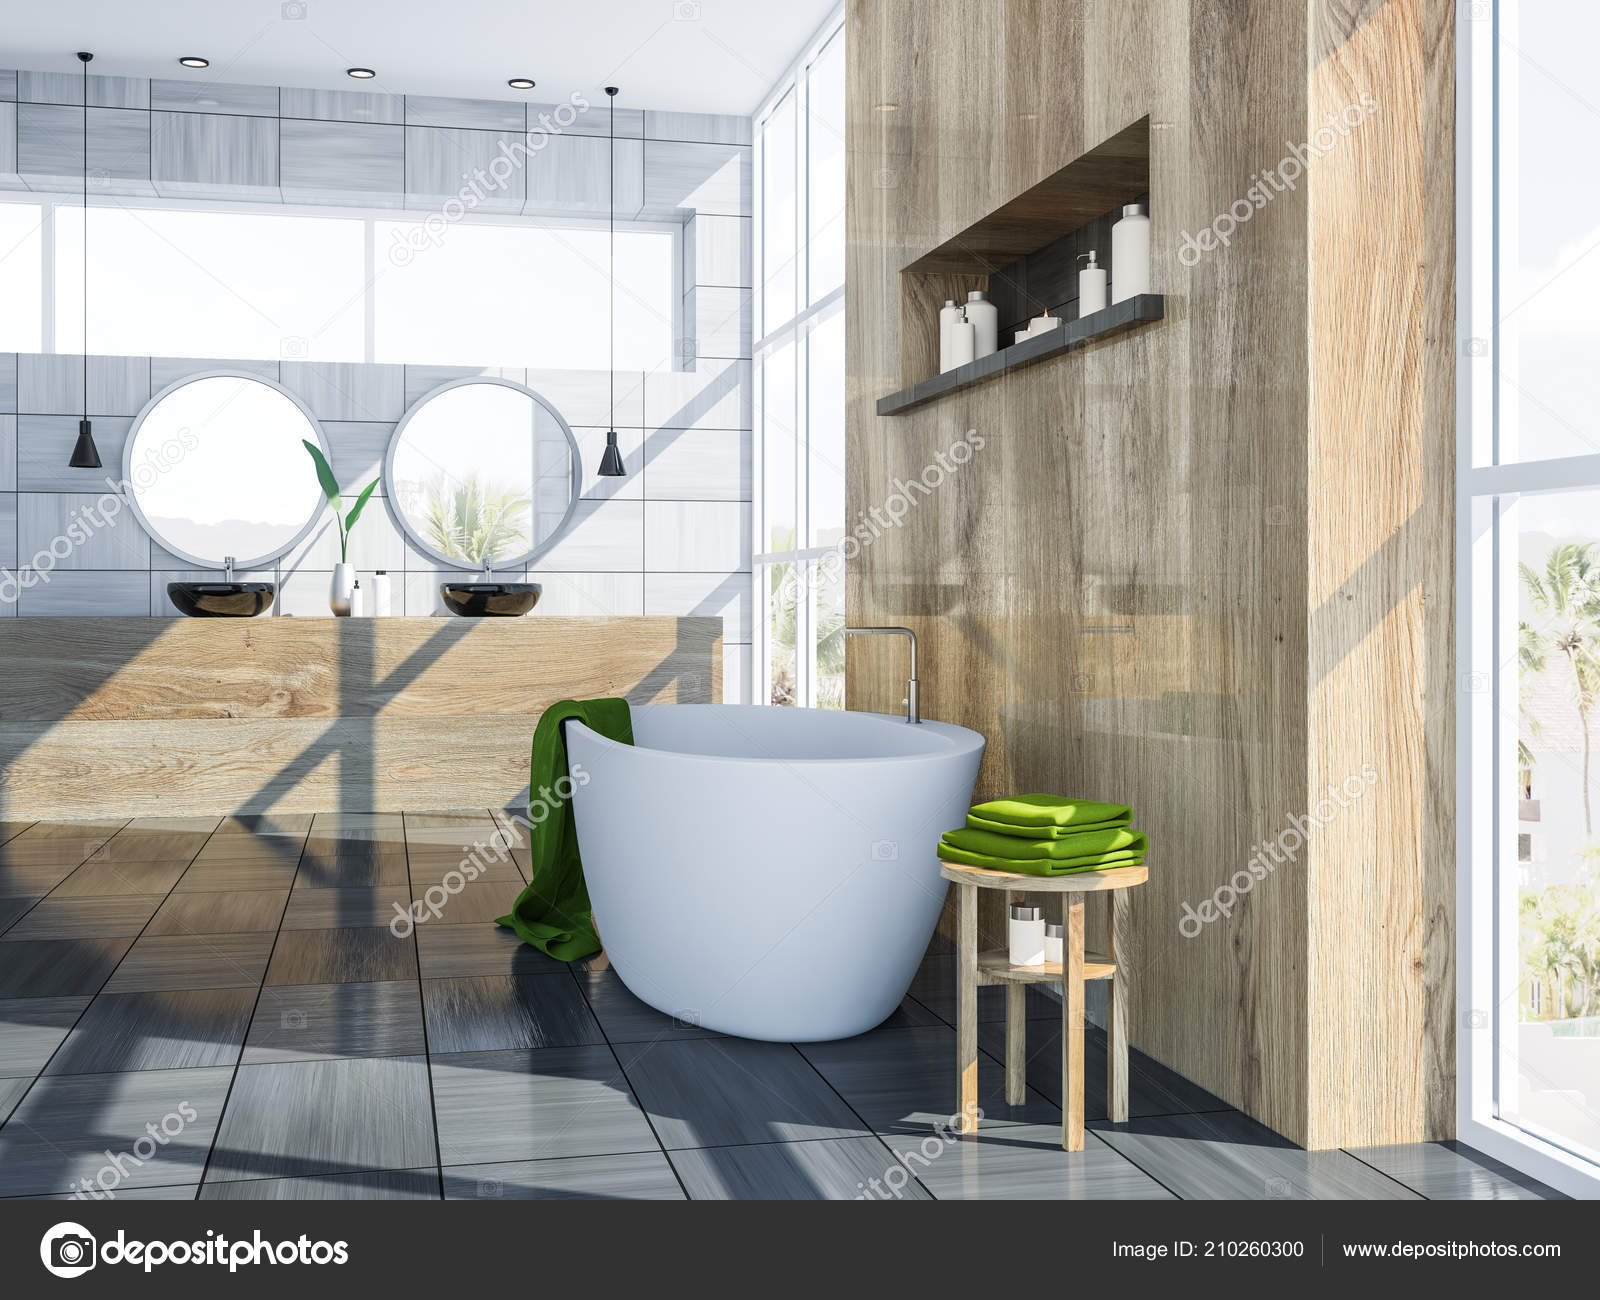 Moderno grigio legno piastrella parete bagno interno con pavimento